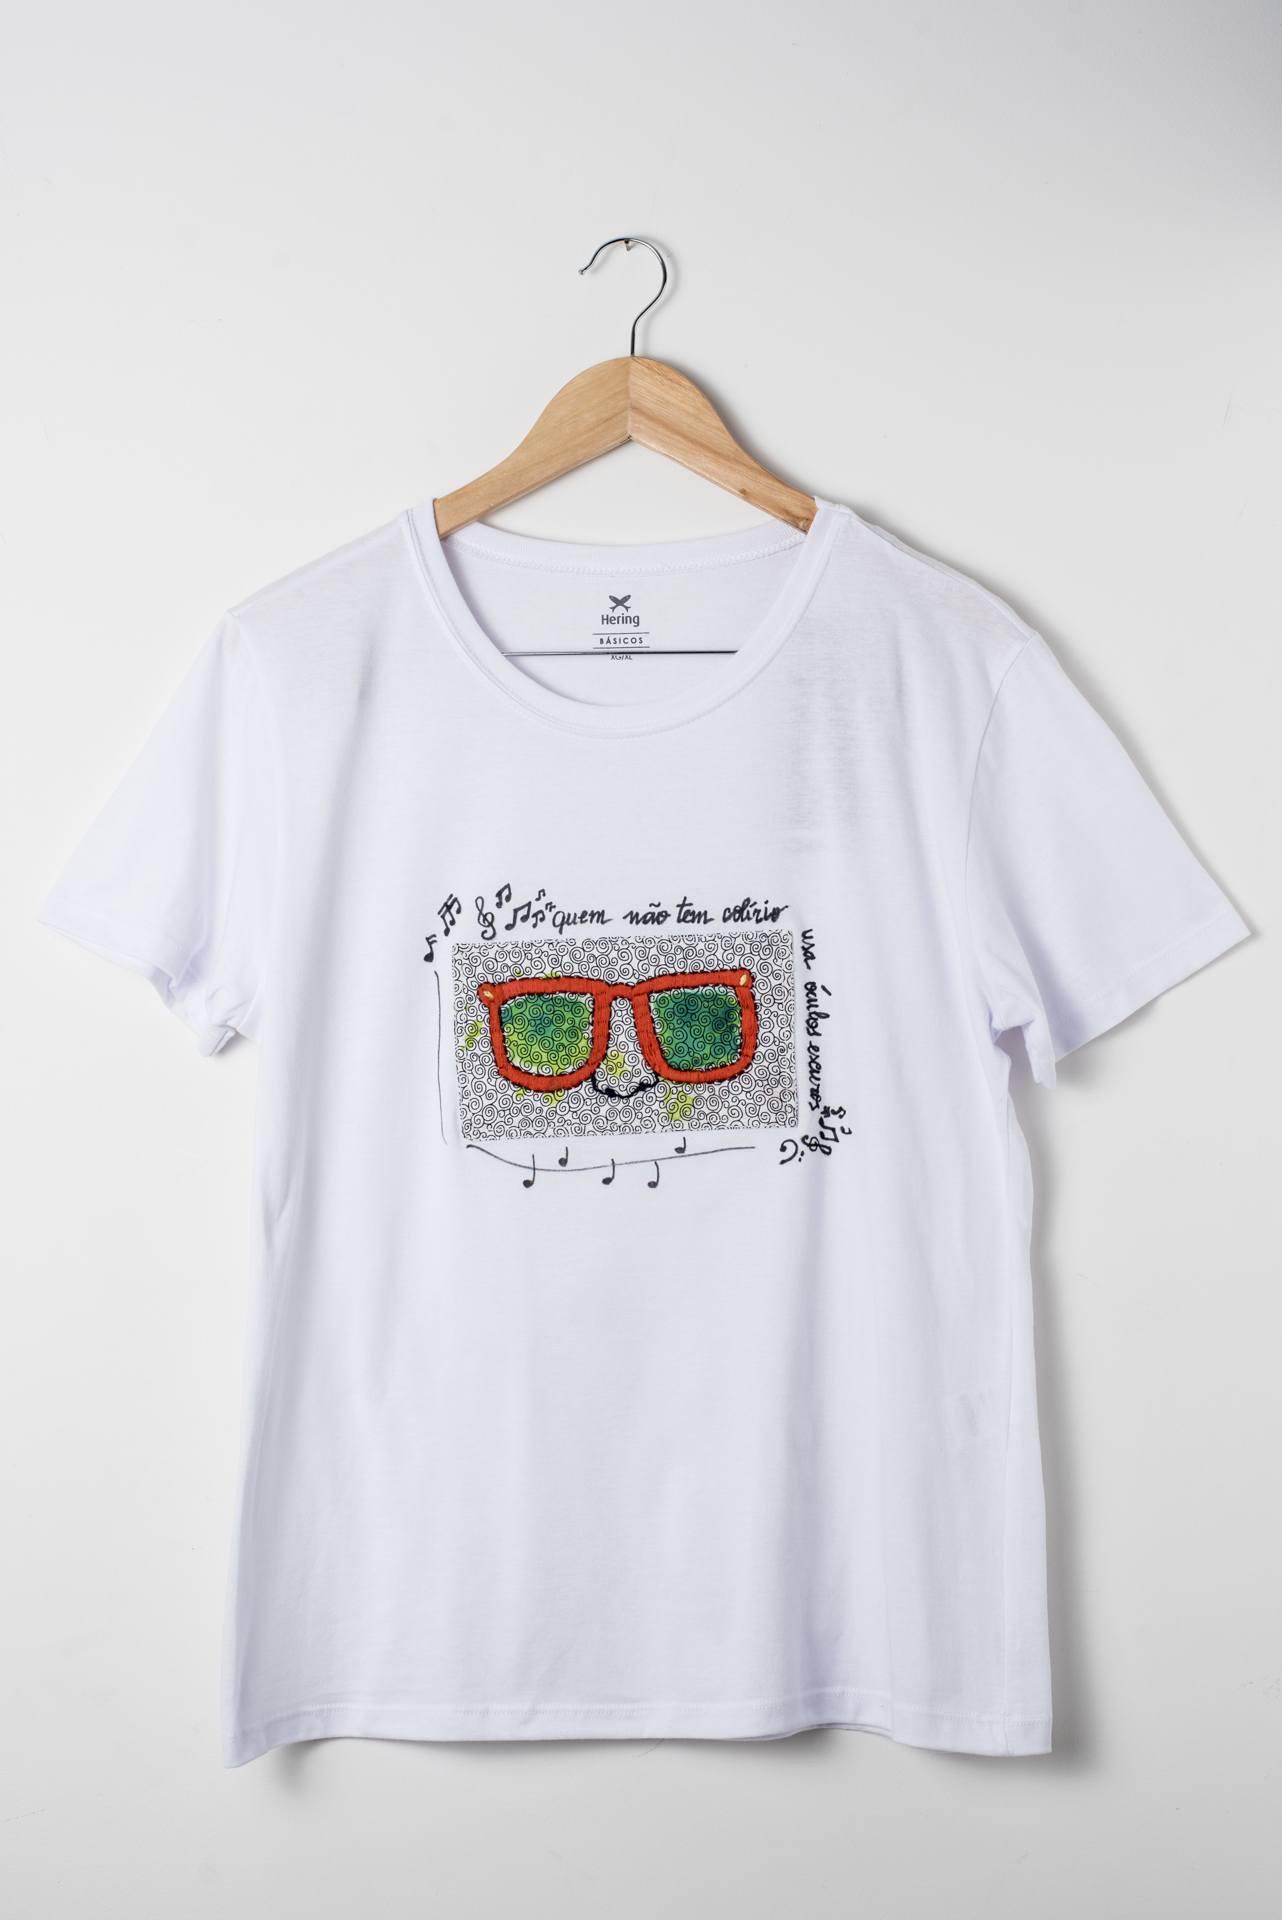 Camiseta bordada Eu uso óculos escuros 2 - Delicates